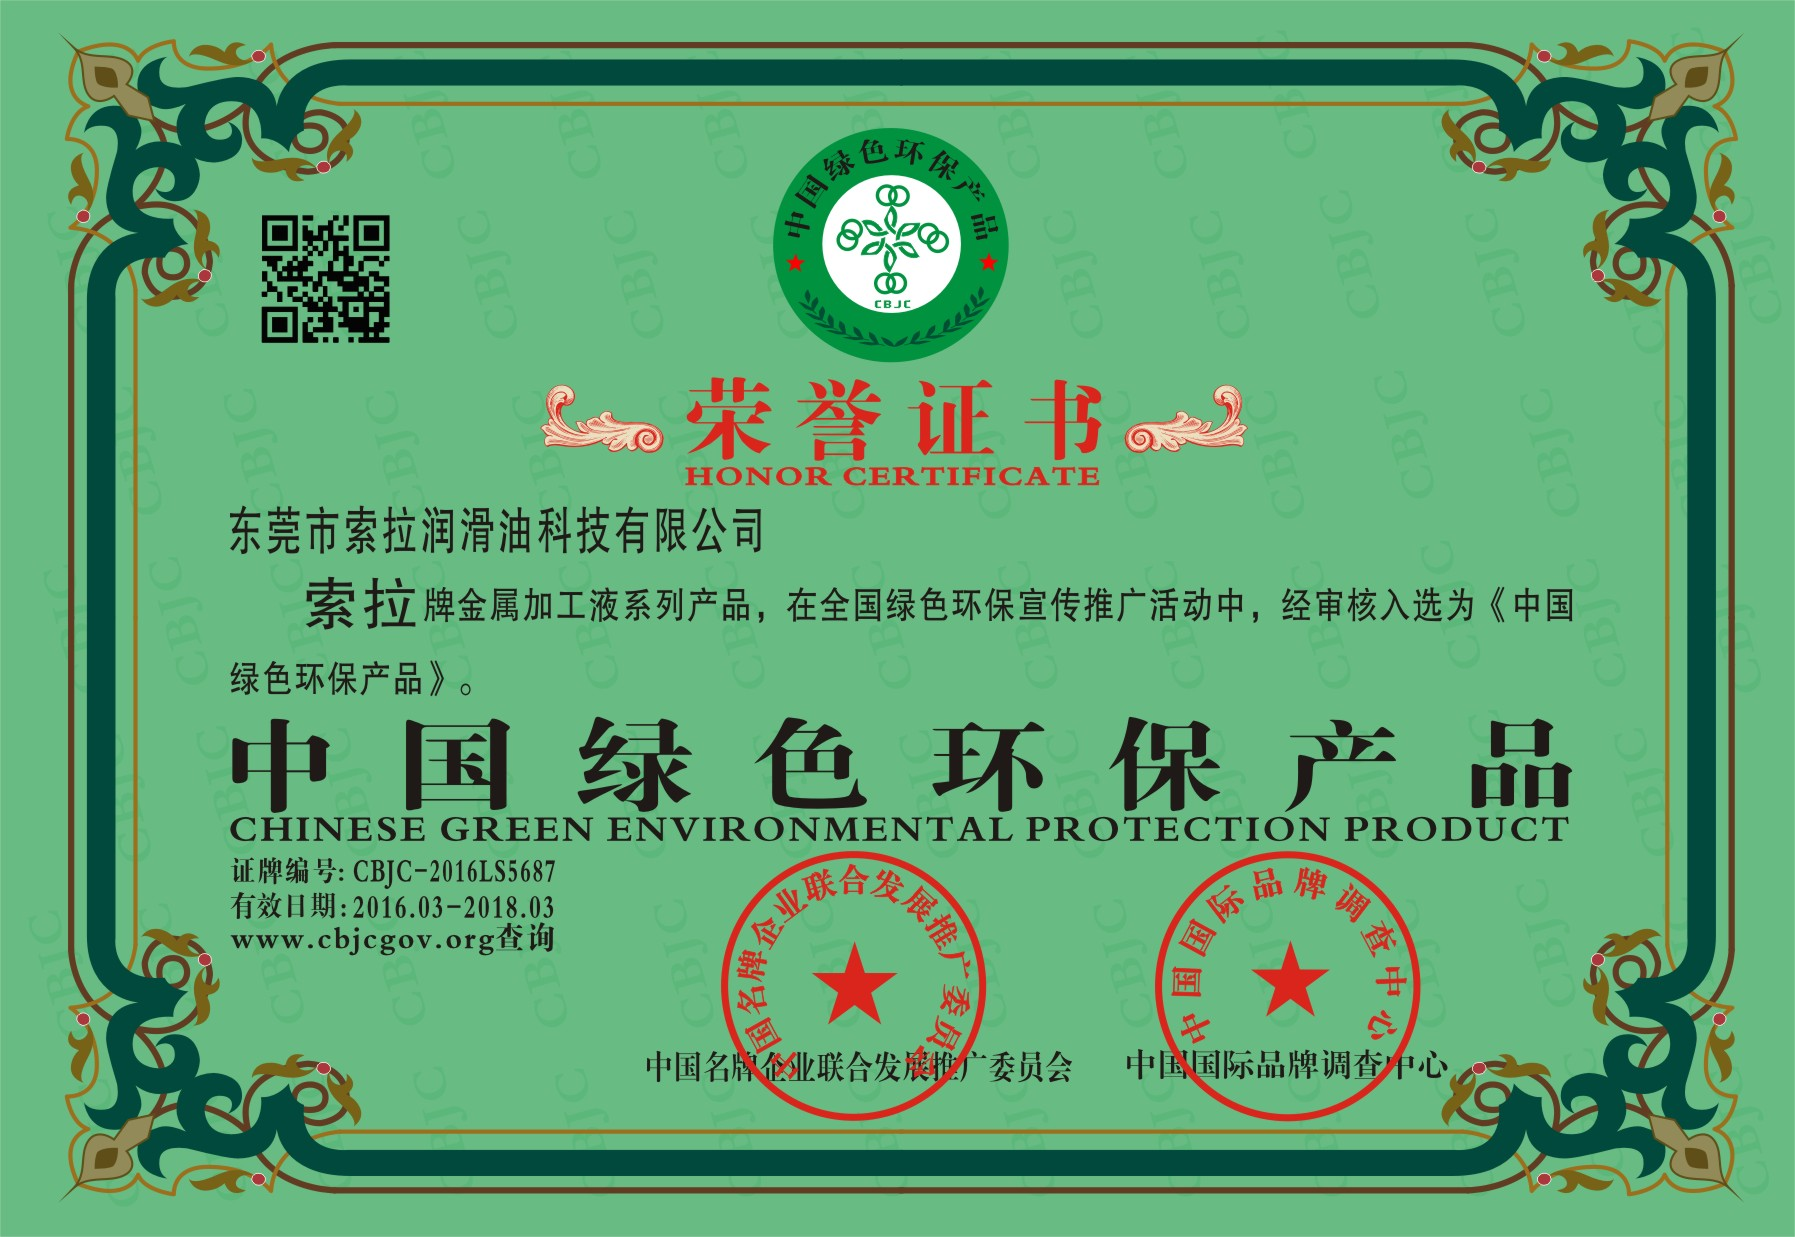 索拉润滑油金属加工液系列荣获中国绿色环保产品荣誉称号